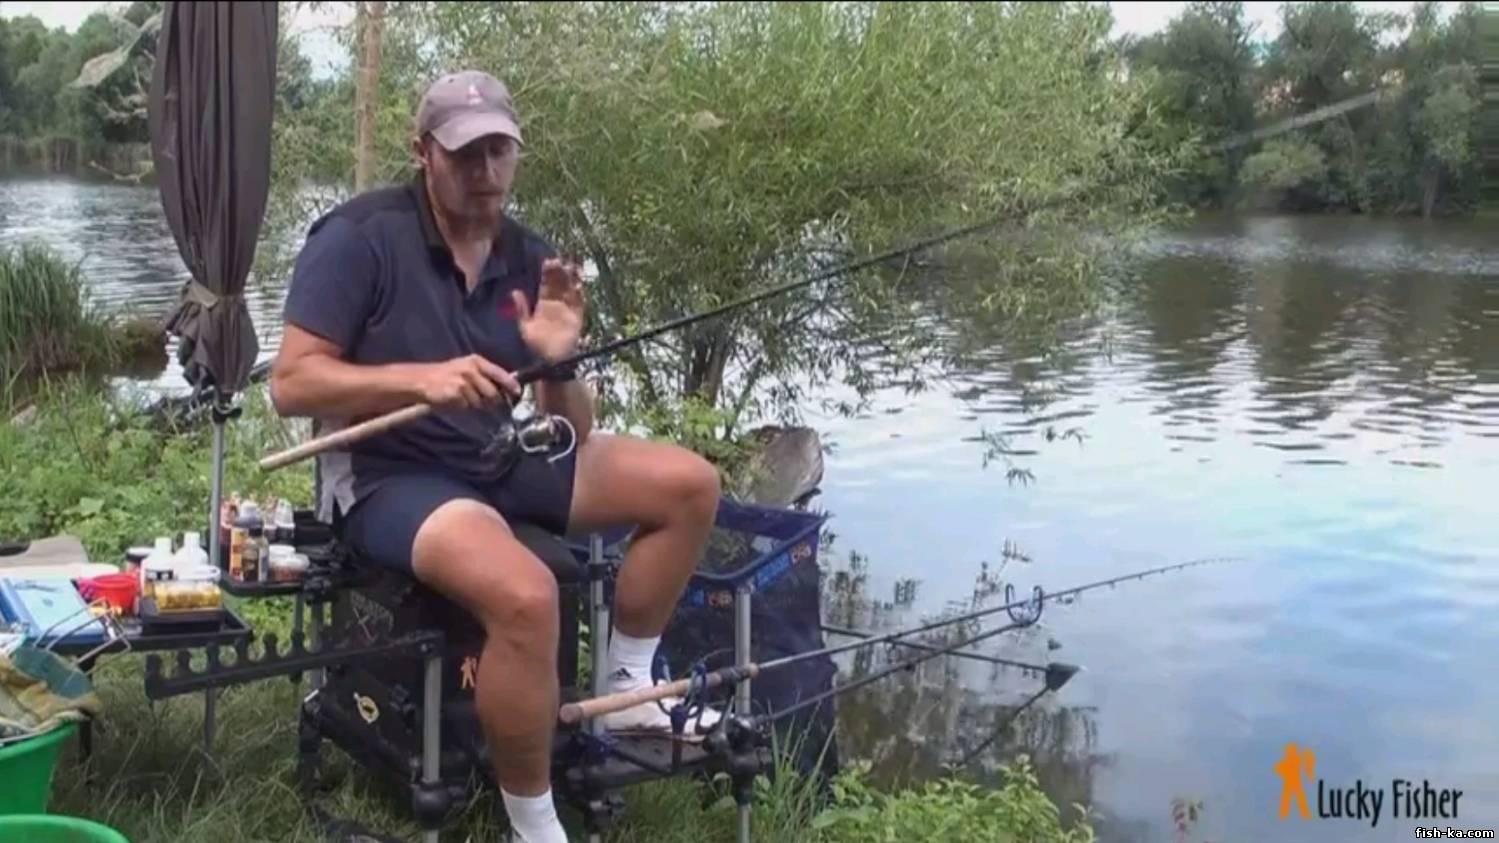 Єротика онлайн на рибалке 26 фотография